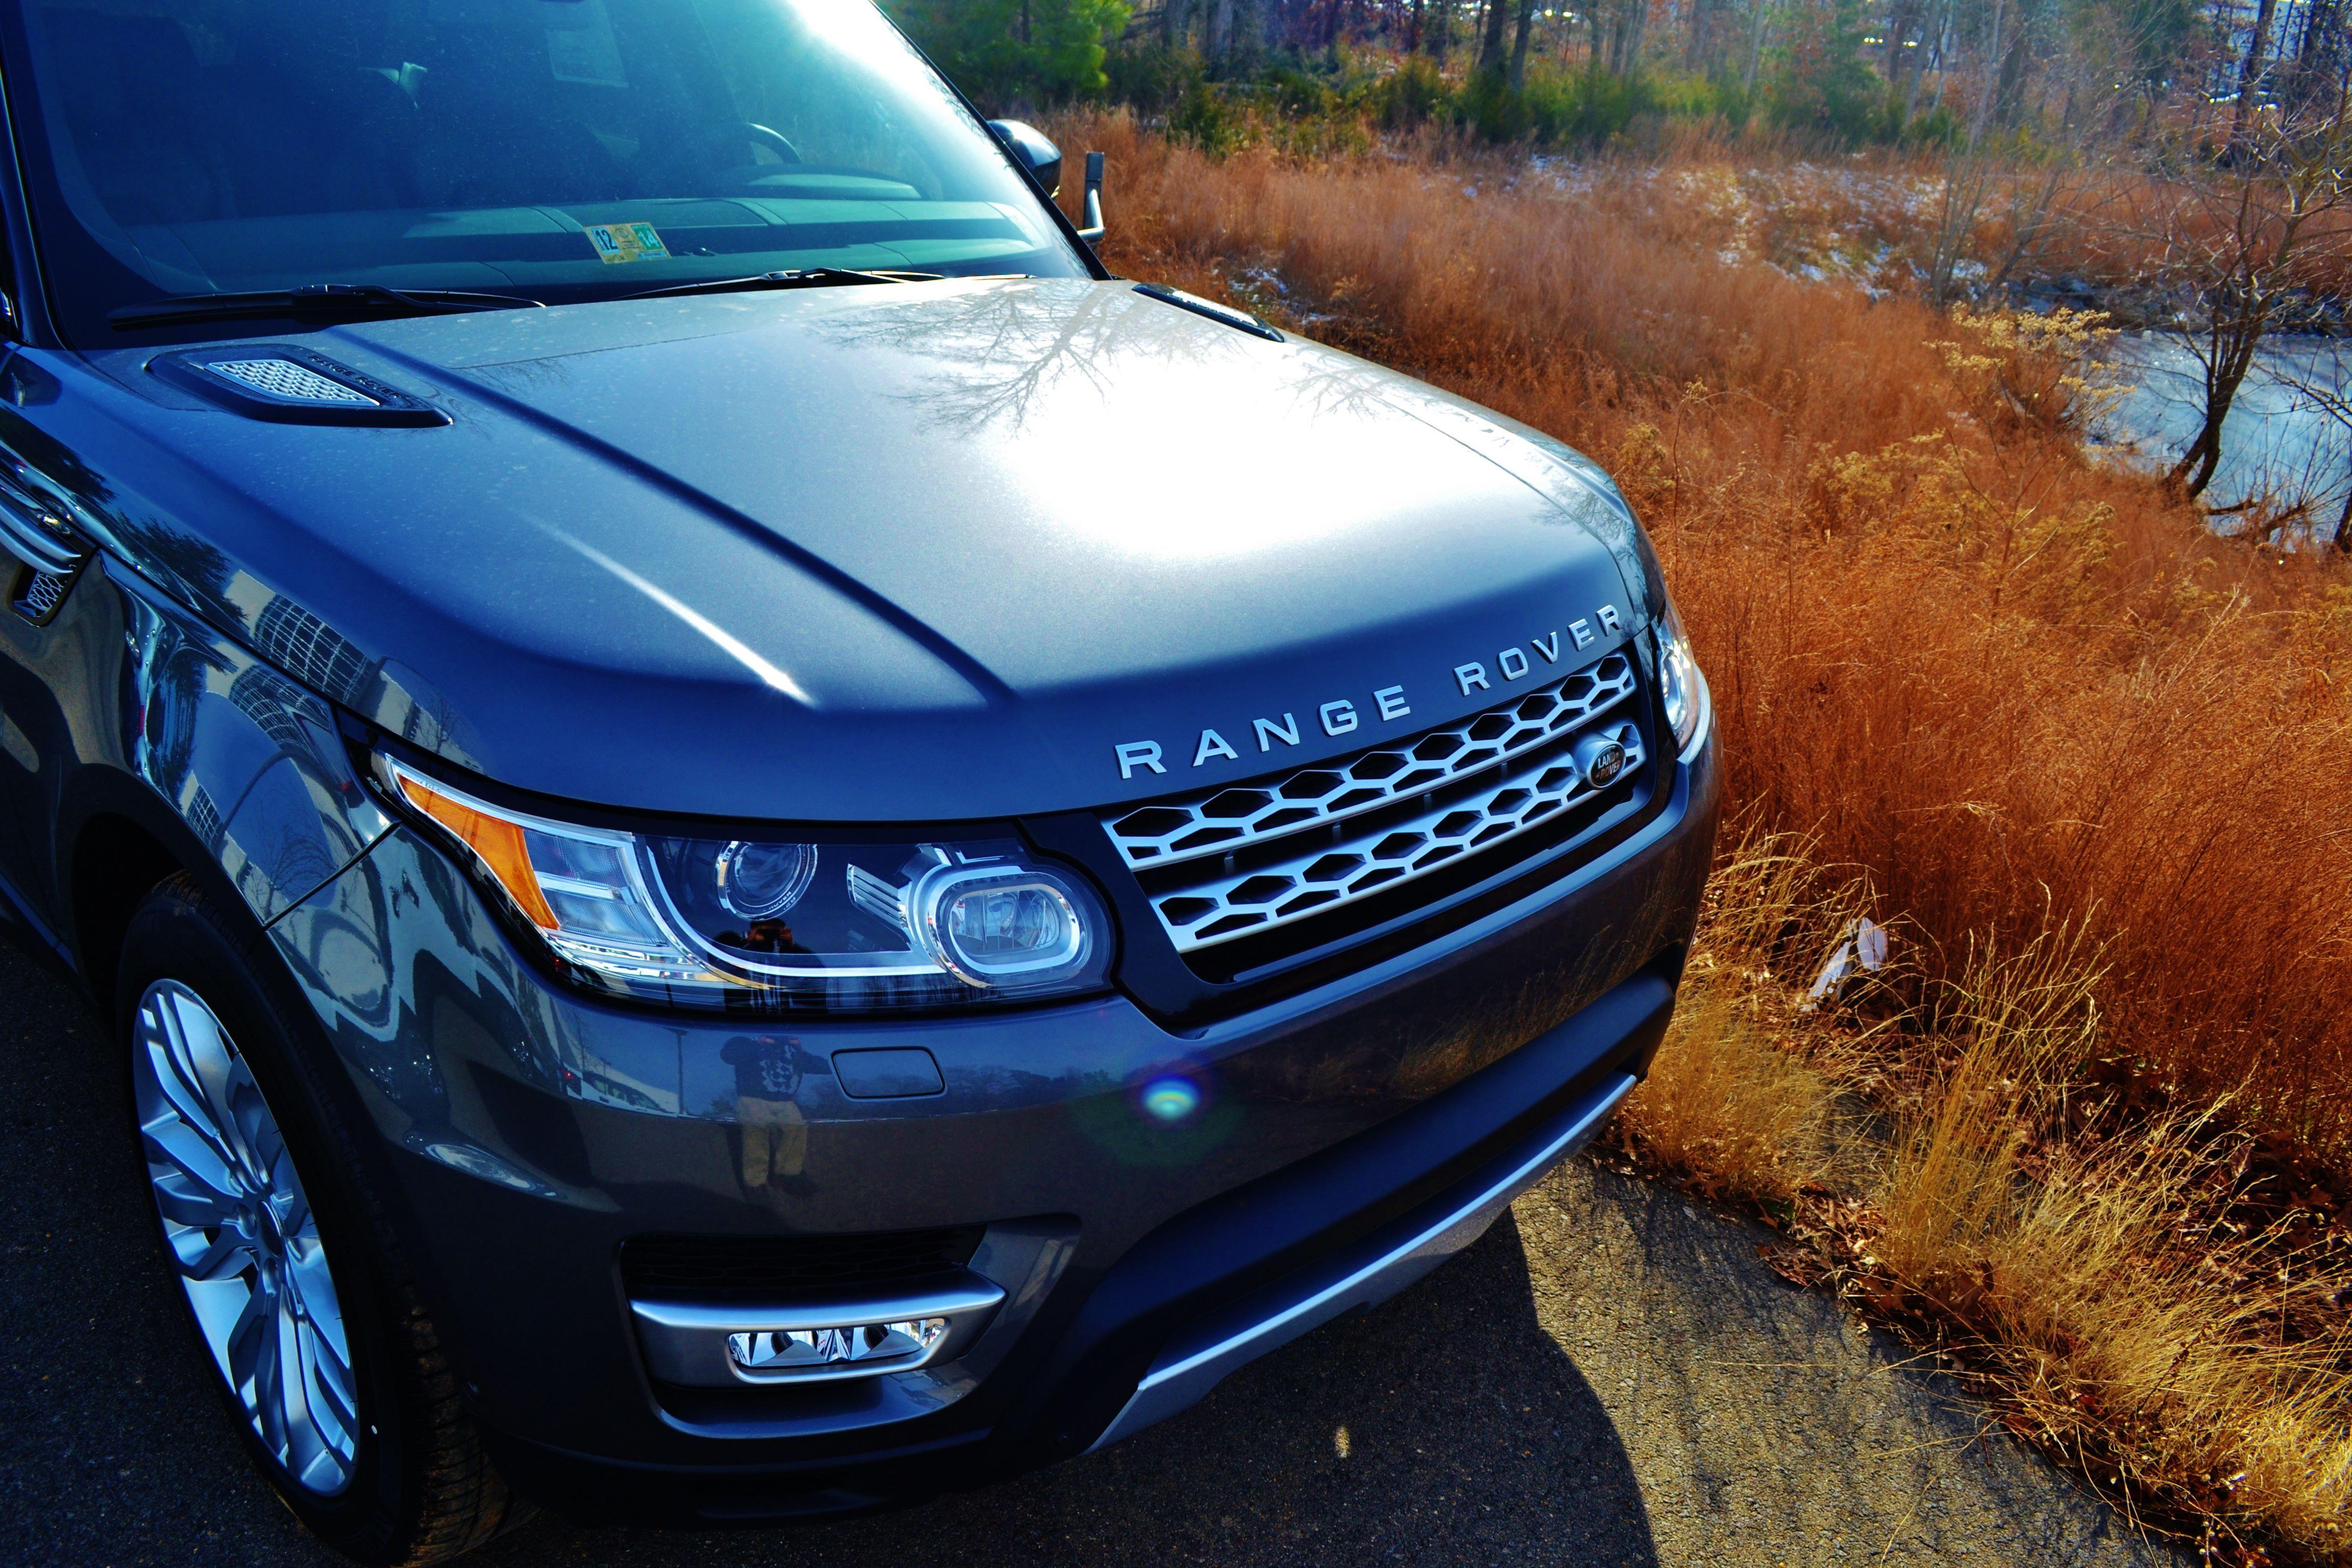 2014 Range Rover Sport Range Rover Sport New Land Rover Range Rover Sport 2014